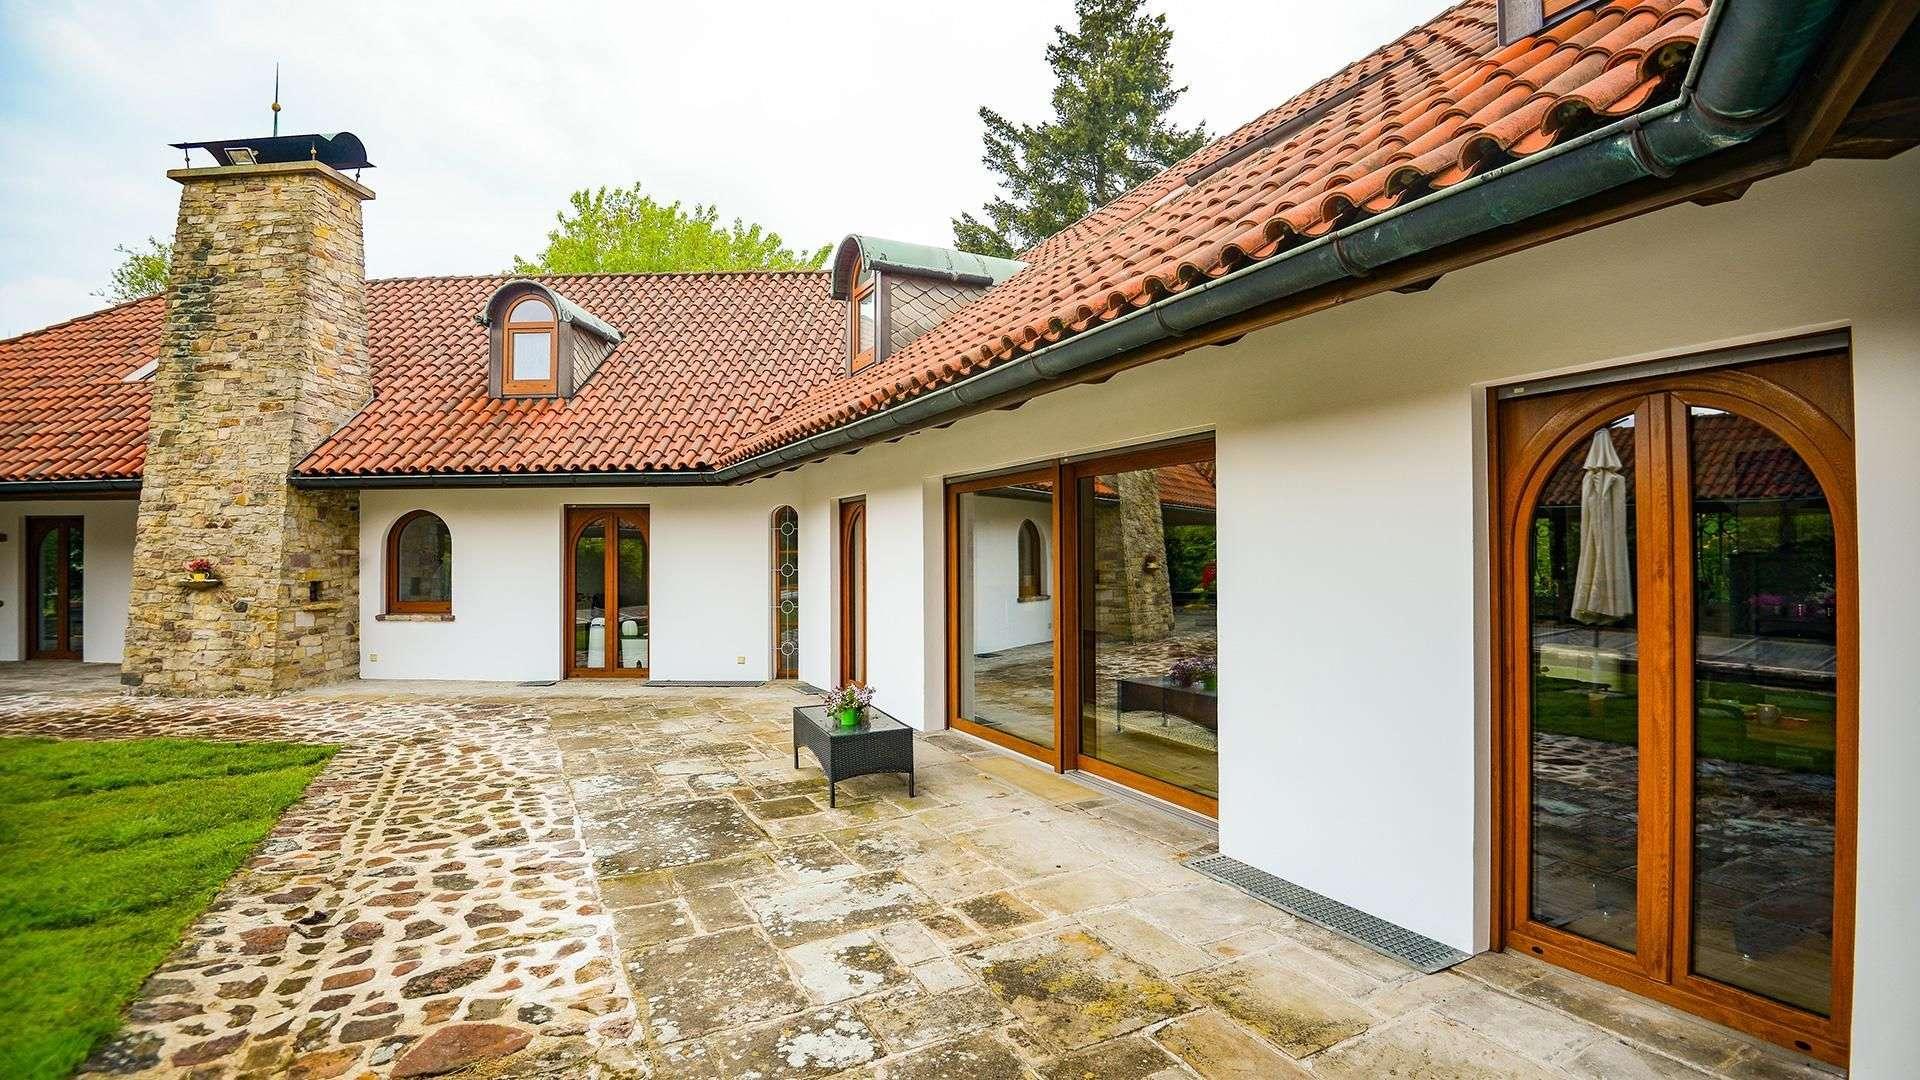 Innenhof einer Wohnanlage mit Holzfenstern und Steinterrasse